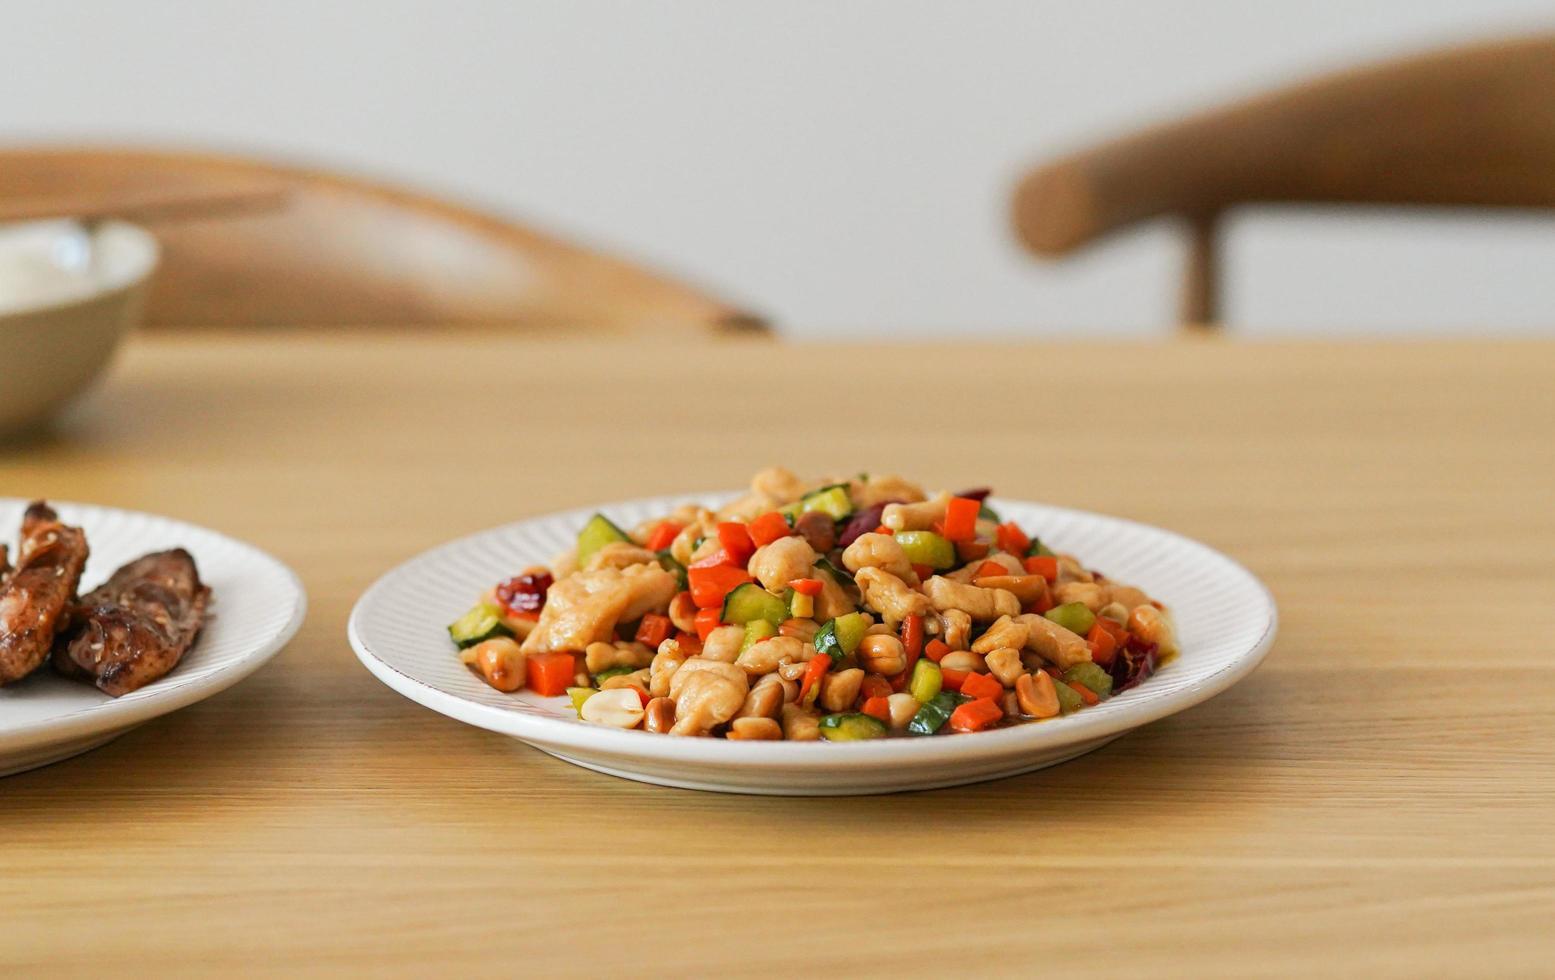 plato de verduras mixtas en la mesa foto